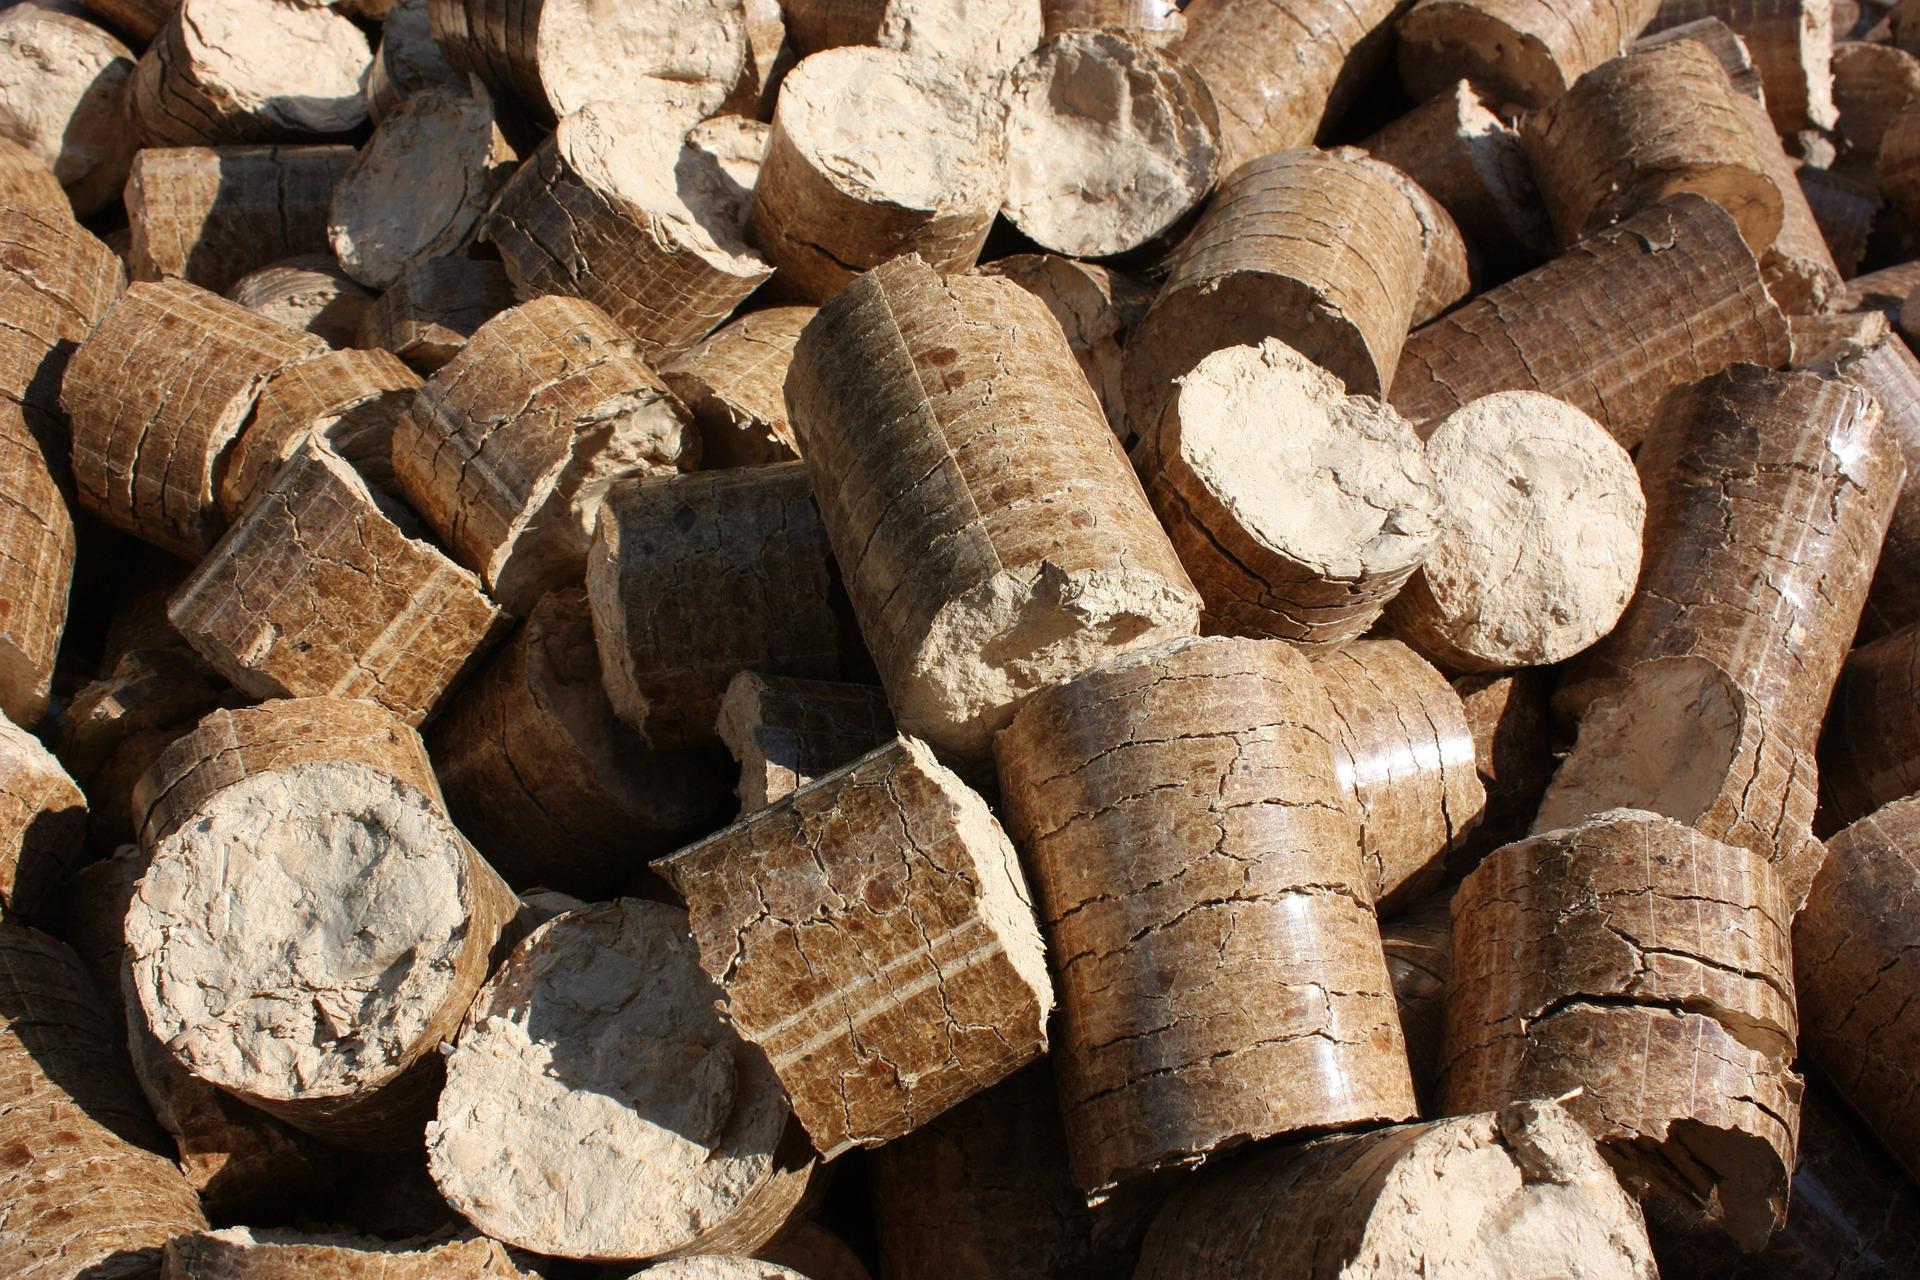 Køb 8 mm træpiller og træbriketter i høj kvalitet hos Pillemand.dk